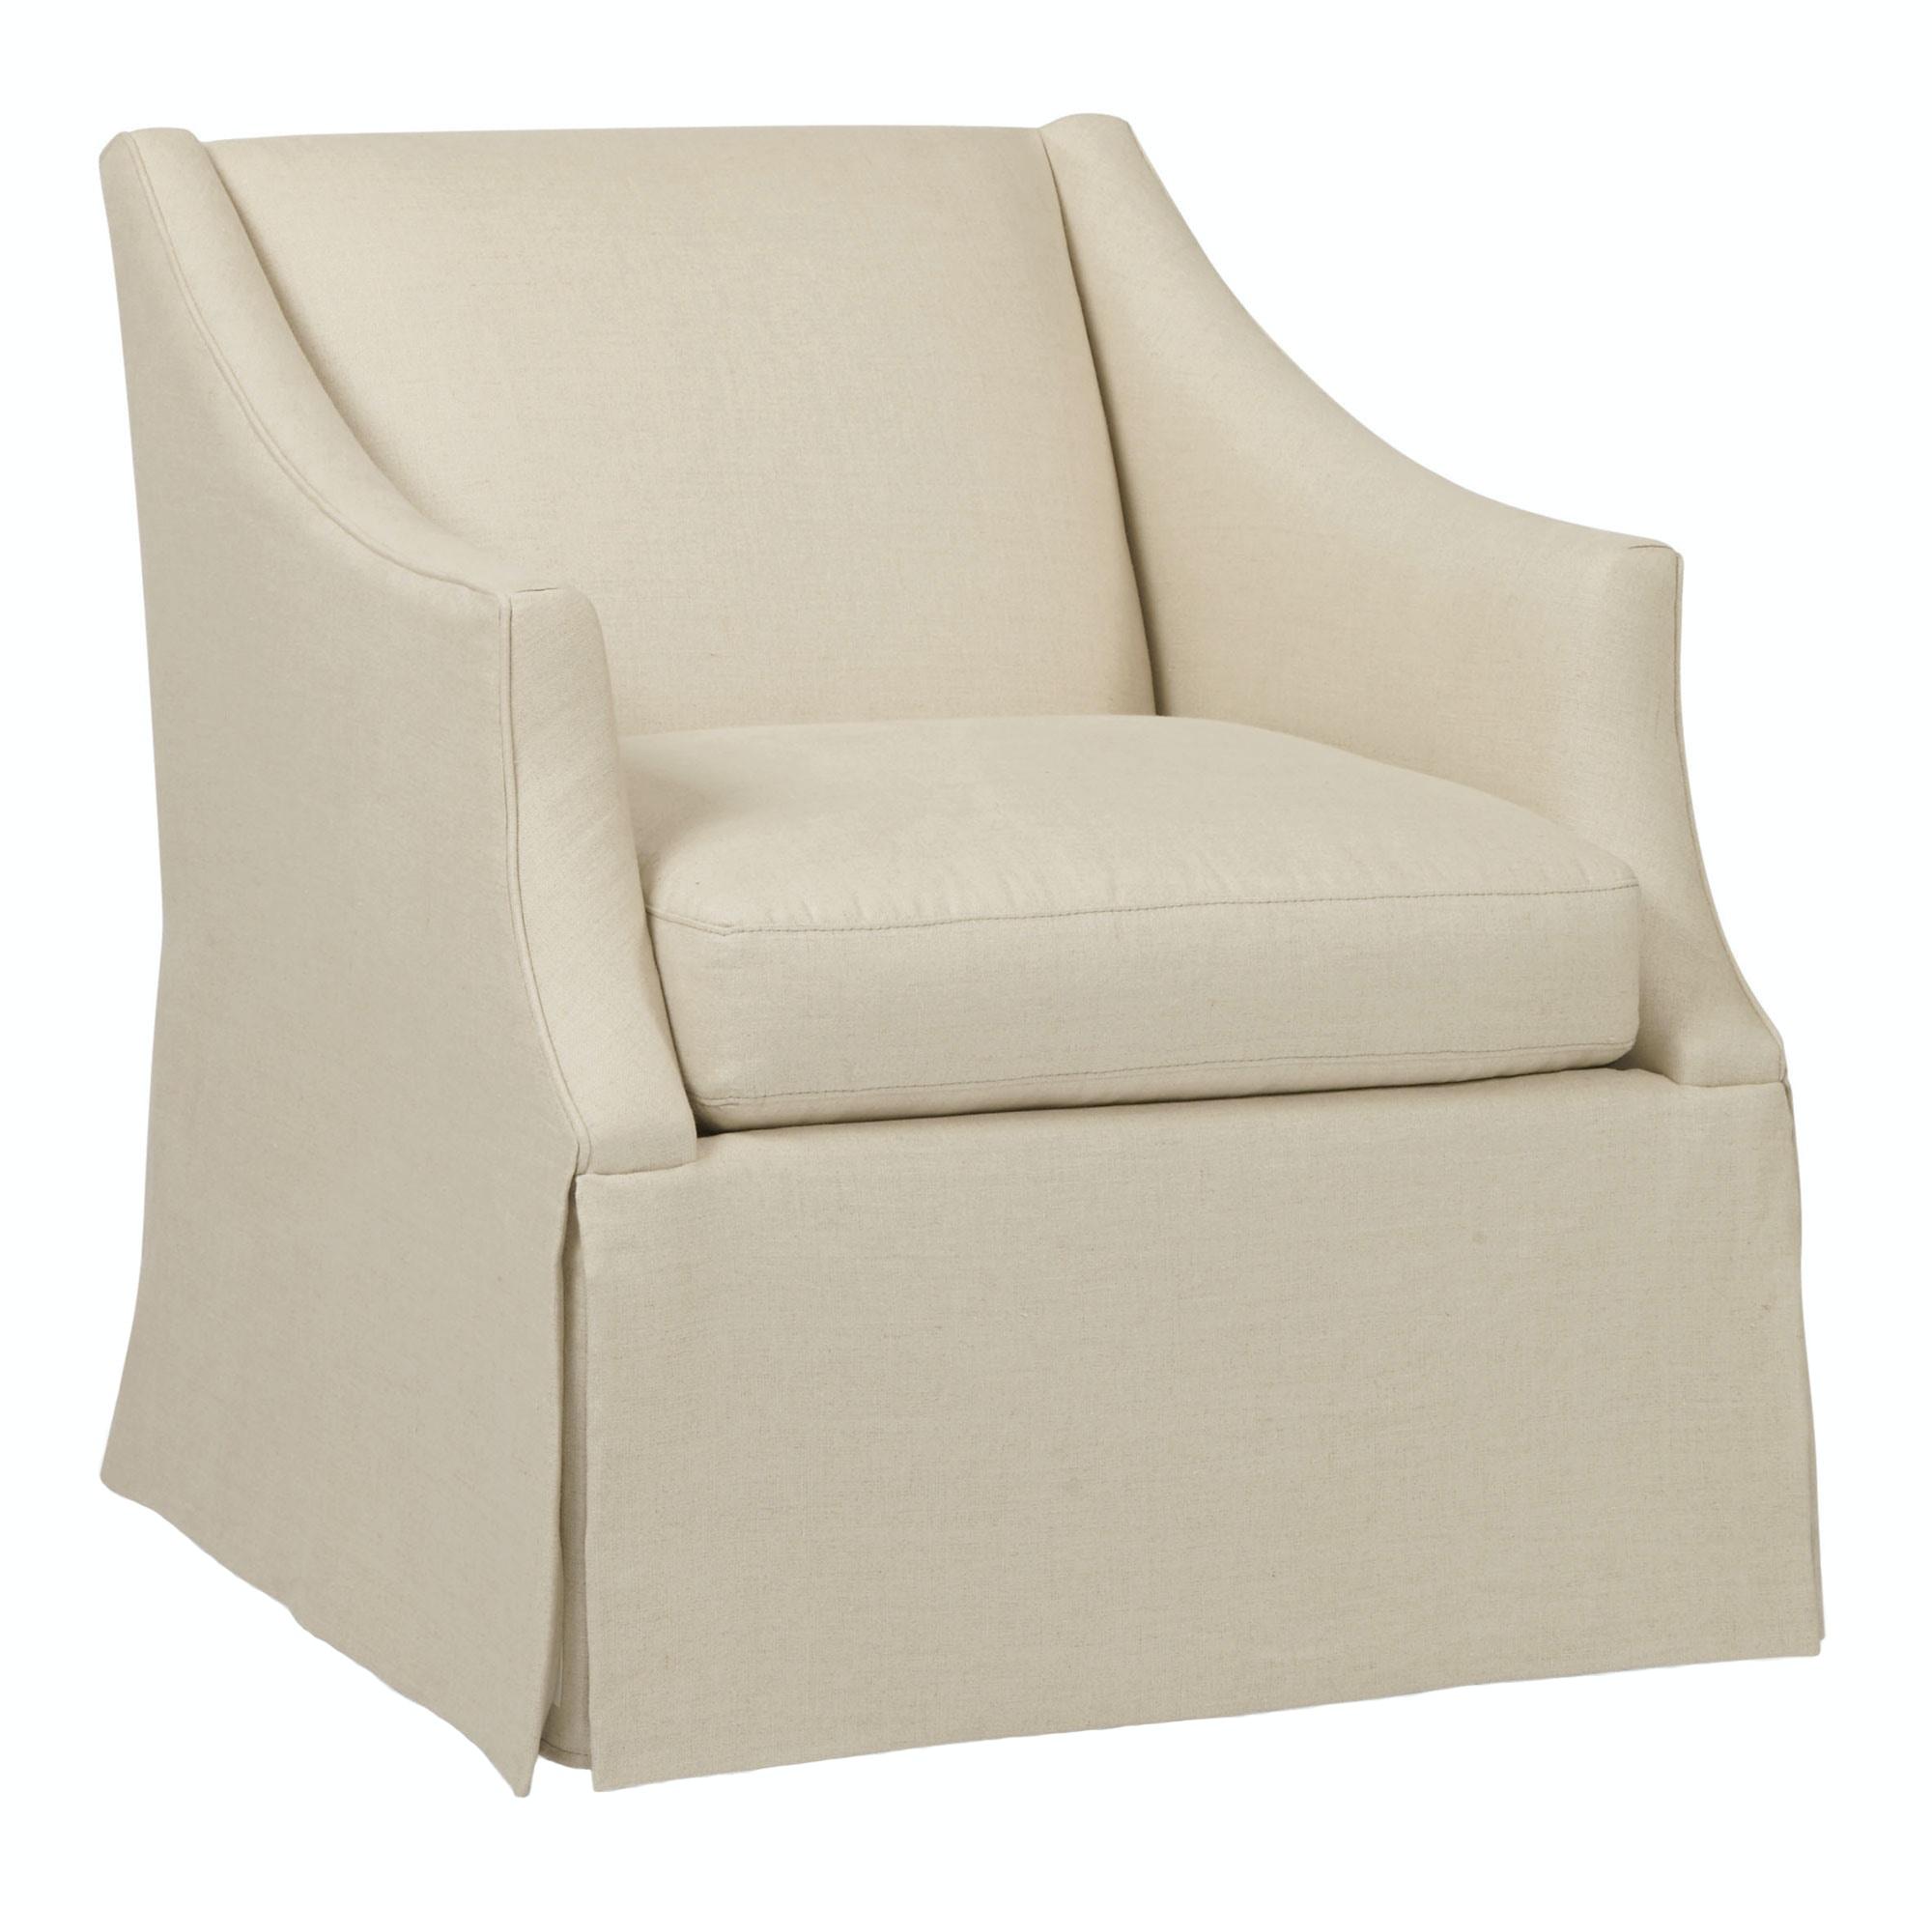 Bernhardt Furniture Clayton Chair Bernhardt Furniture B1741